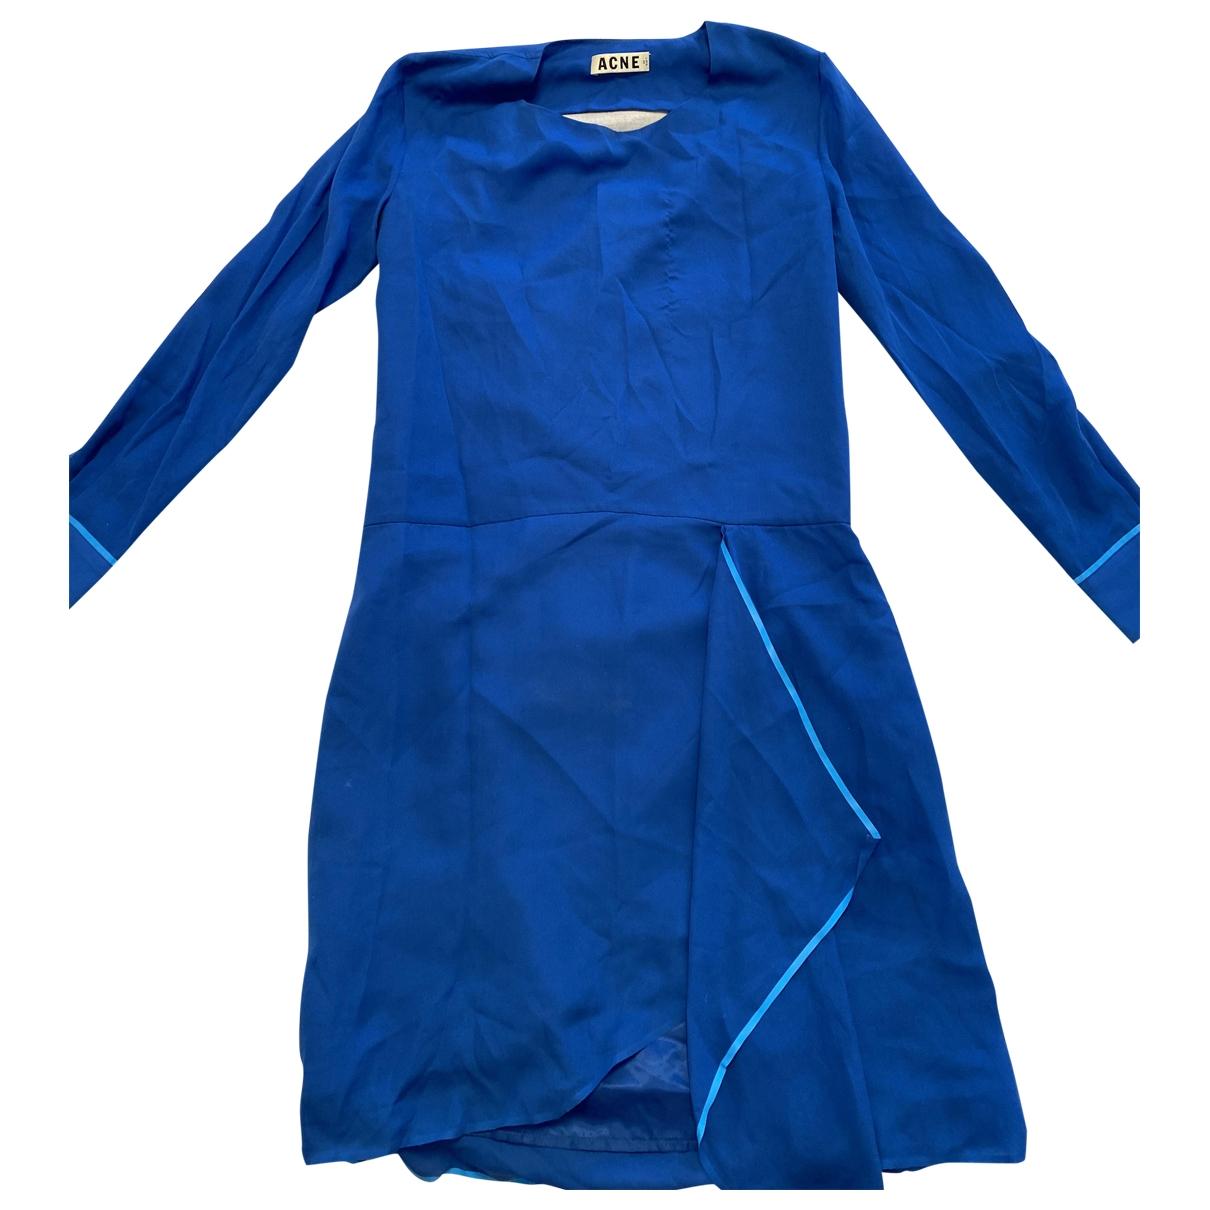 Acne Studios \N Blue dress for Women S International